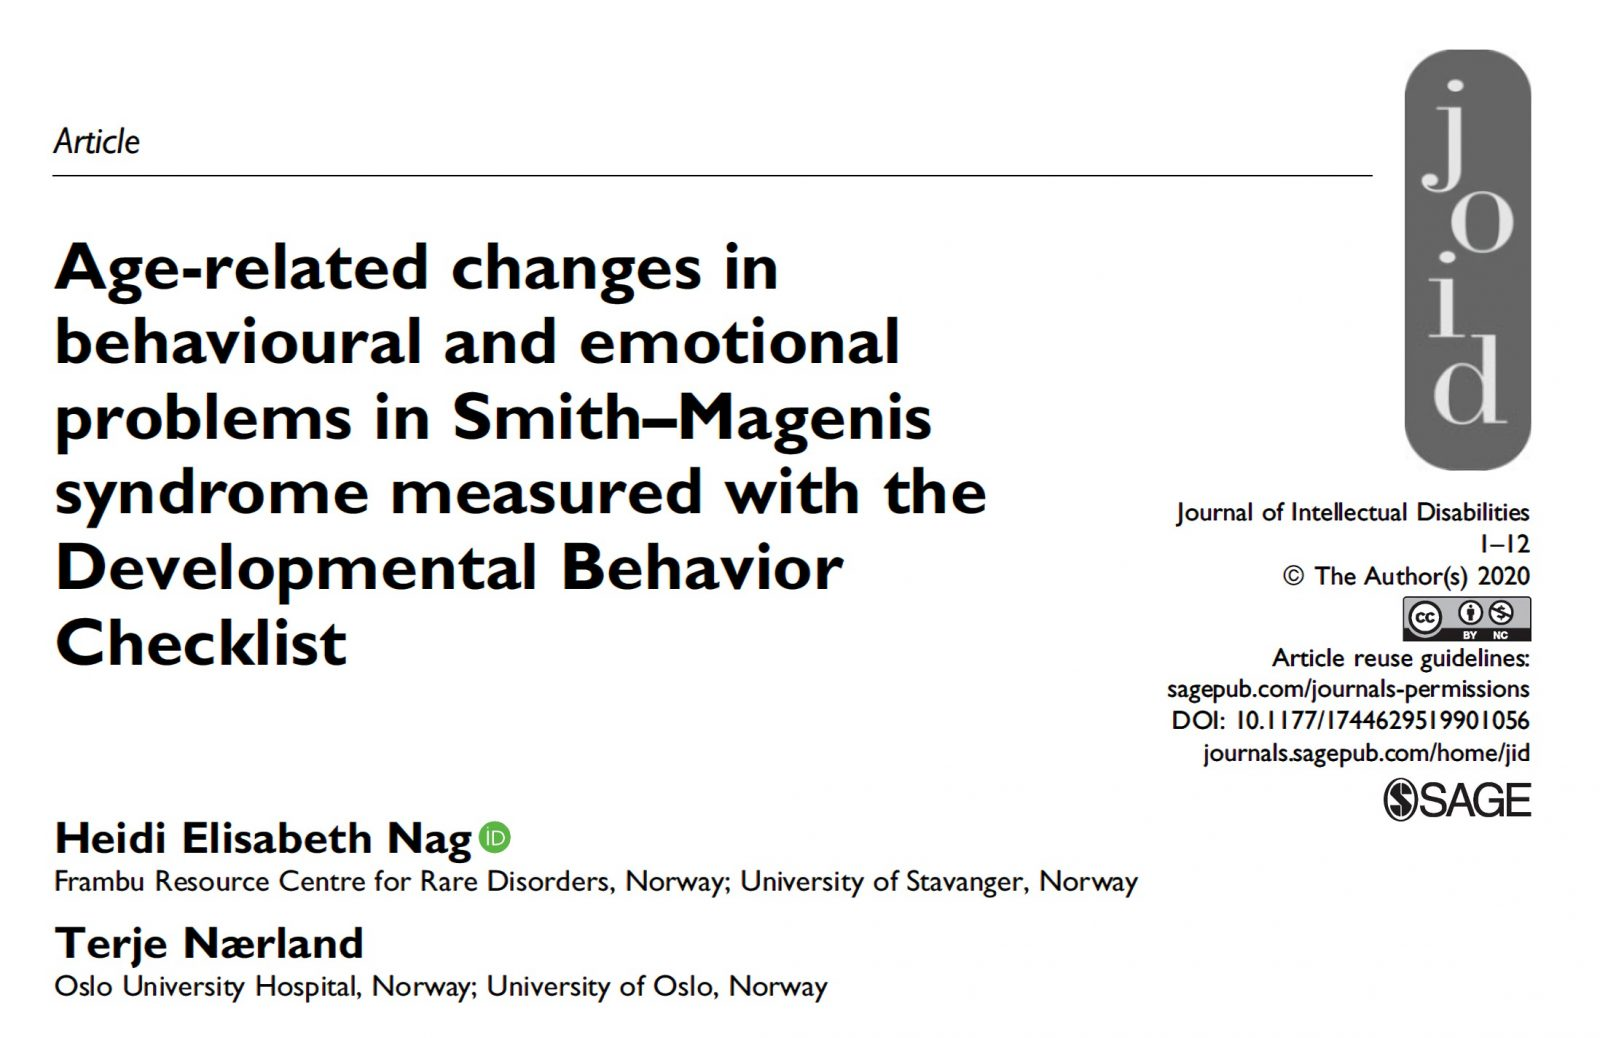 Perfil emocional y conductual del Smith Magenis relacionado con la edad